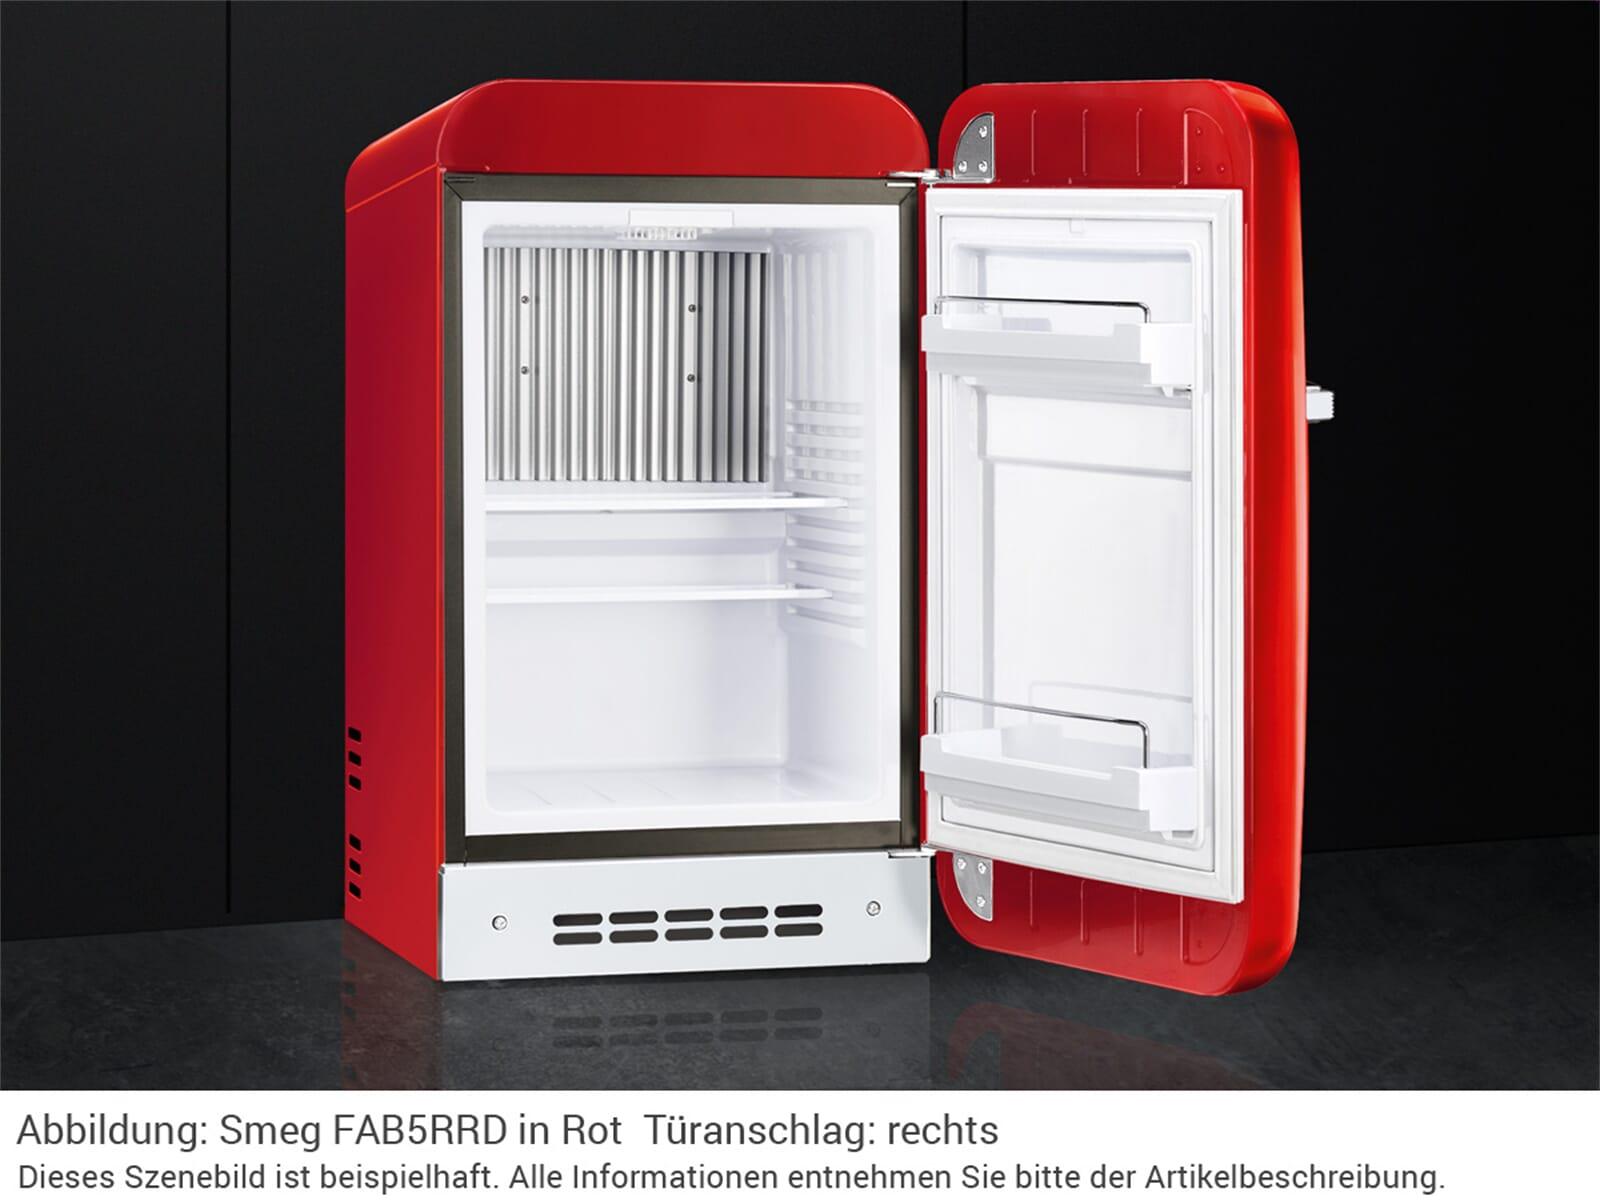 Smeg Kühlschrank Disney : Smeg kühlschrank disney: smeg fab28 das neue modell von innen